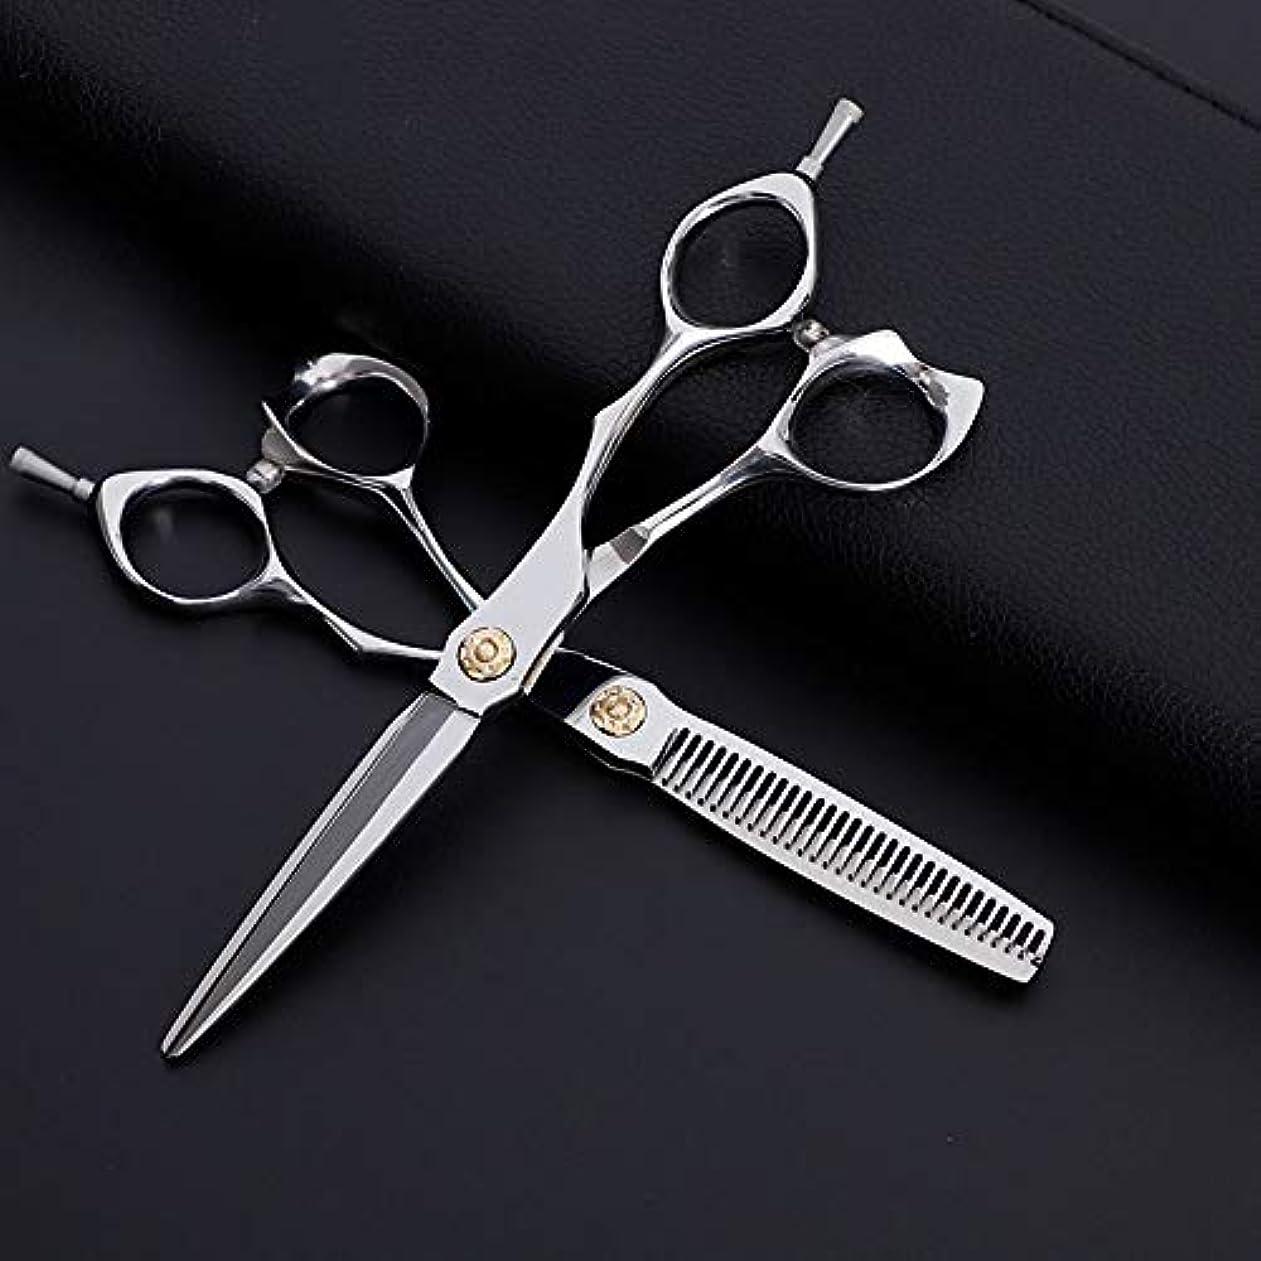 アームストロング悪夢行動6インチ美容院プロのヘアカットフラット+歯はさみセット、クラシック斜めハンドル理髪はさみセット モデリングツール (色 : Silver)